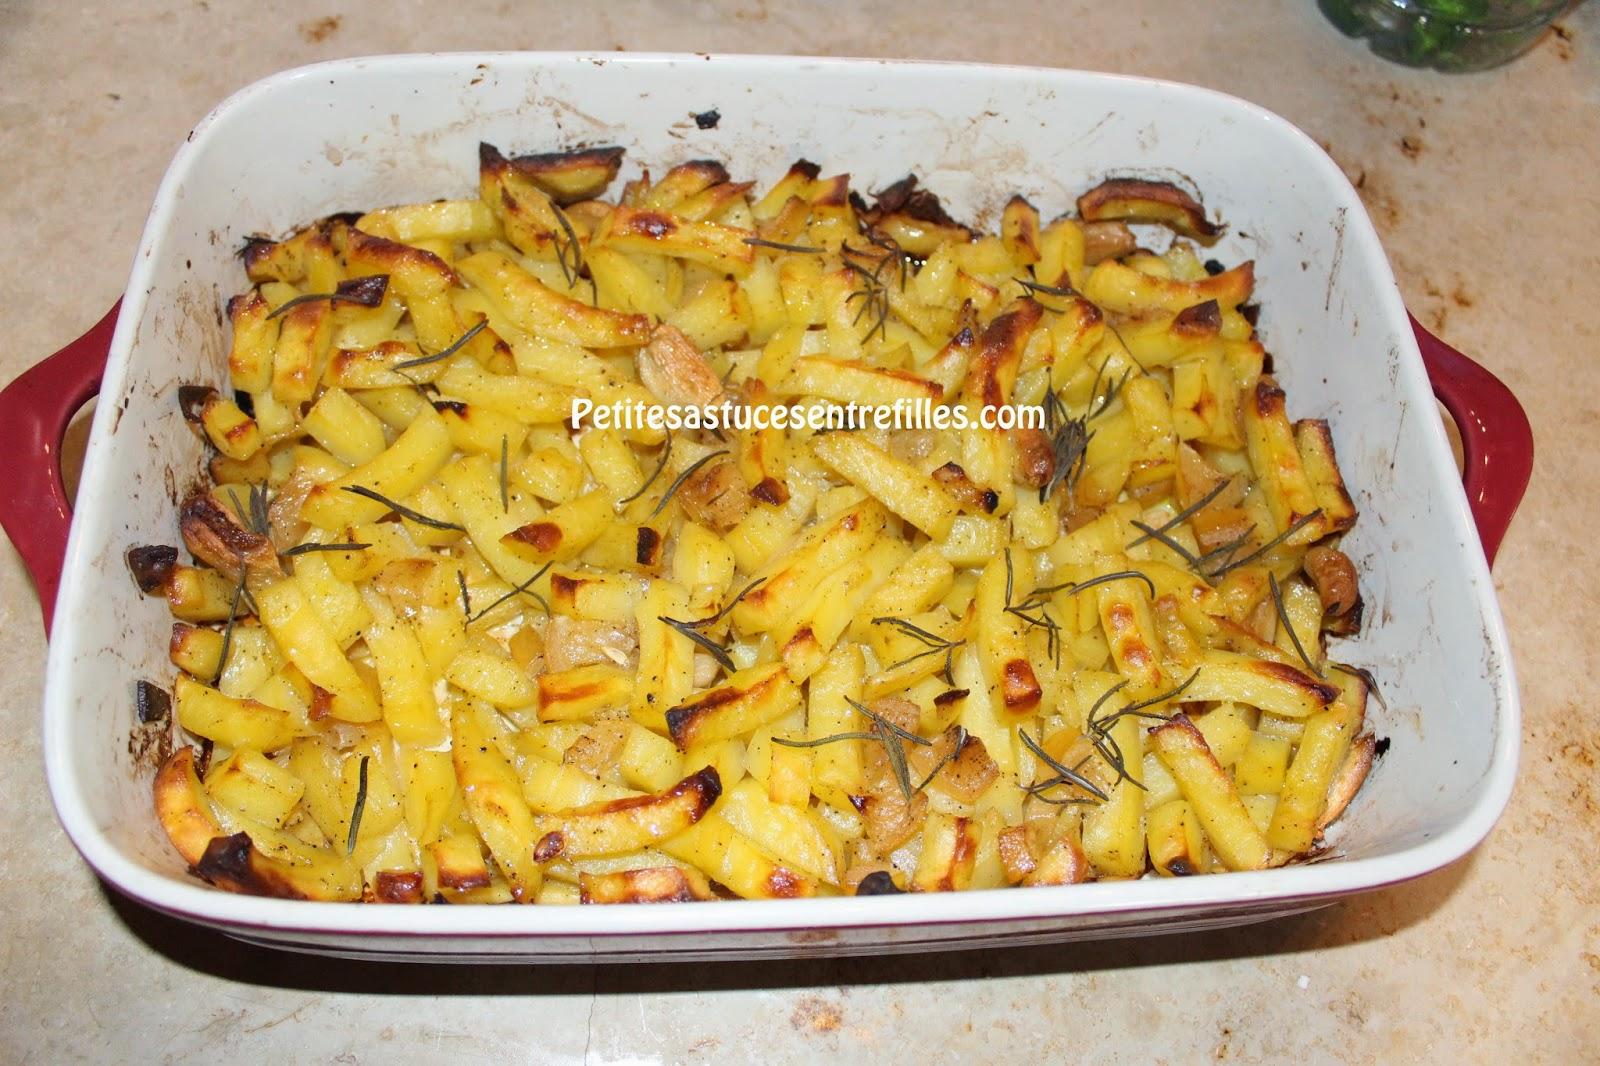 http://www.petitesastucesentrefilles.com/2014/05/pommes-de-terre-au-four-lail-citrons.html